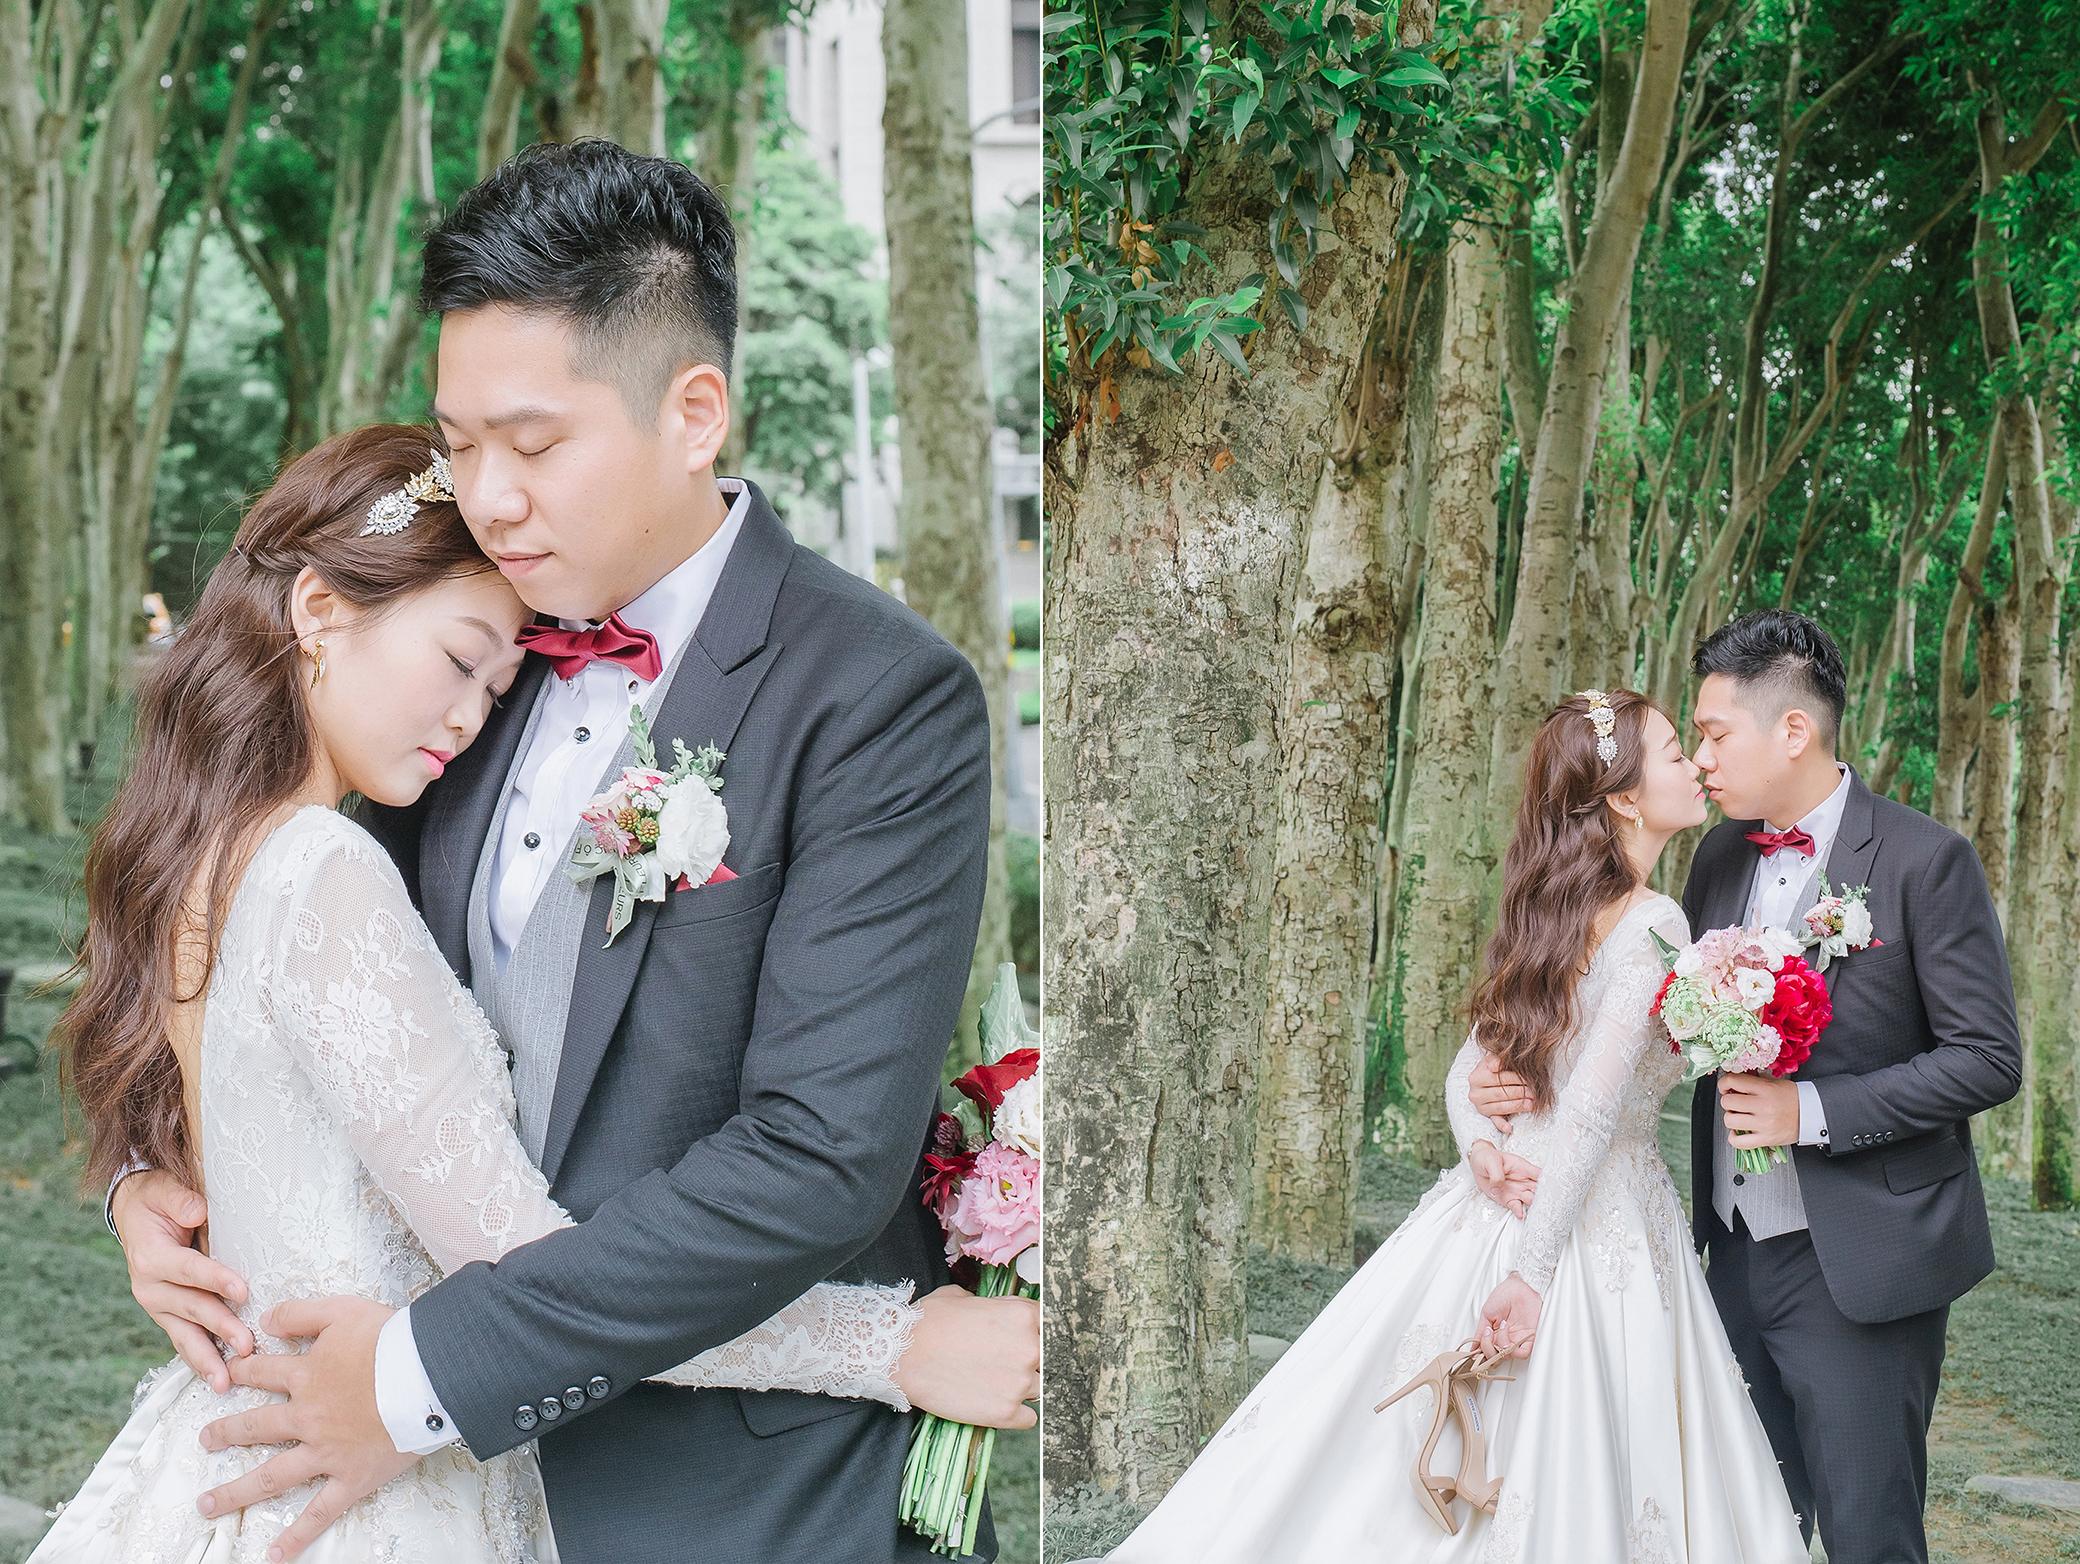 nickchang-wedding-%e5%af%92%e8%88%8d%e8%89%be%e9%ba%97-fineart-35